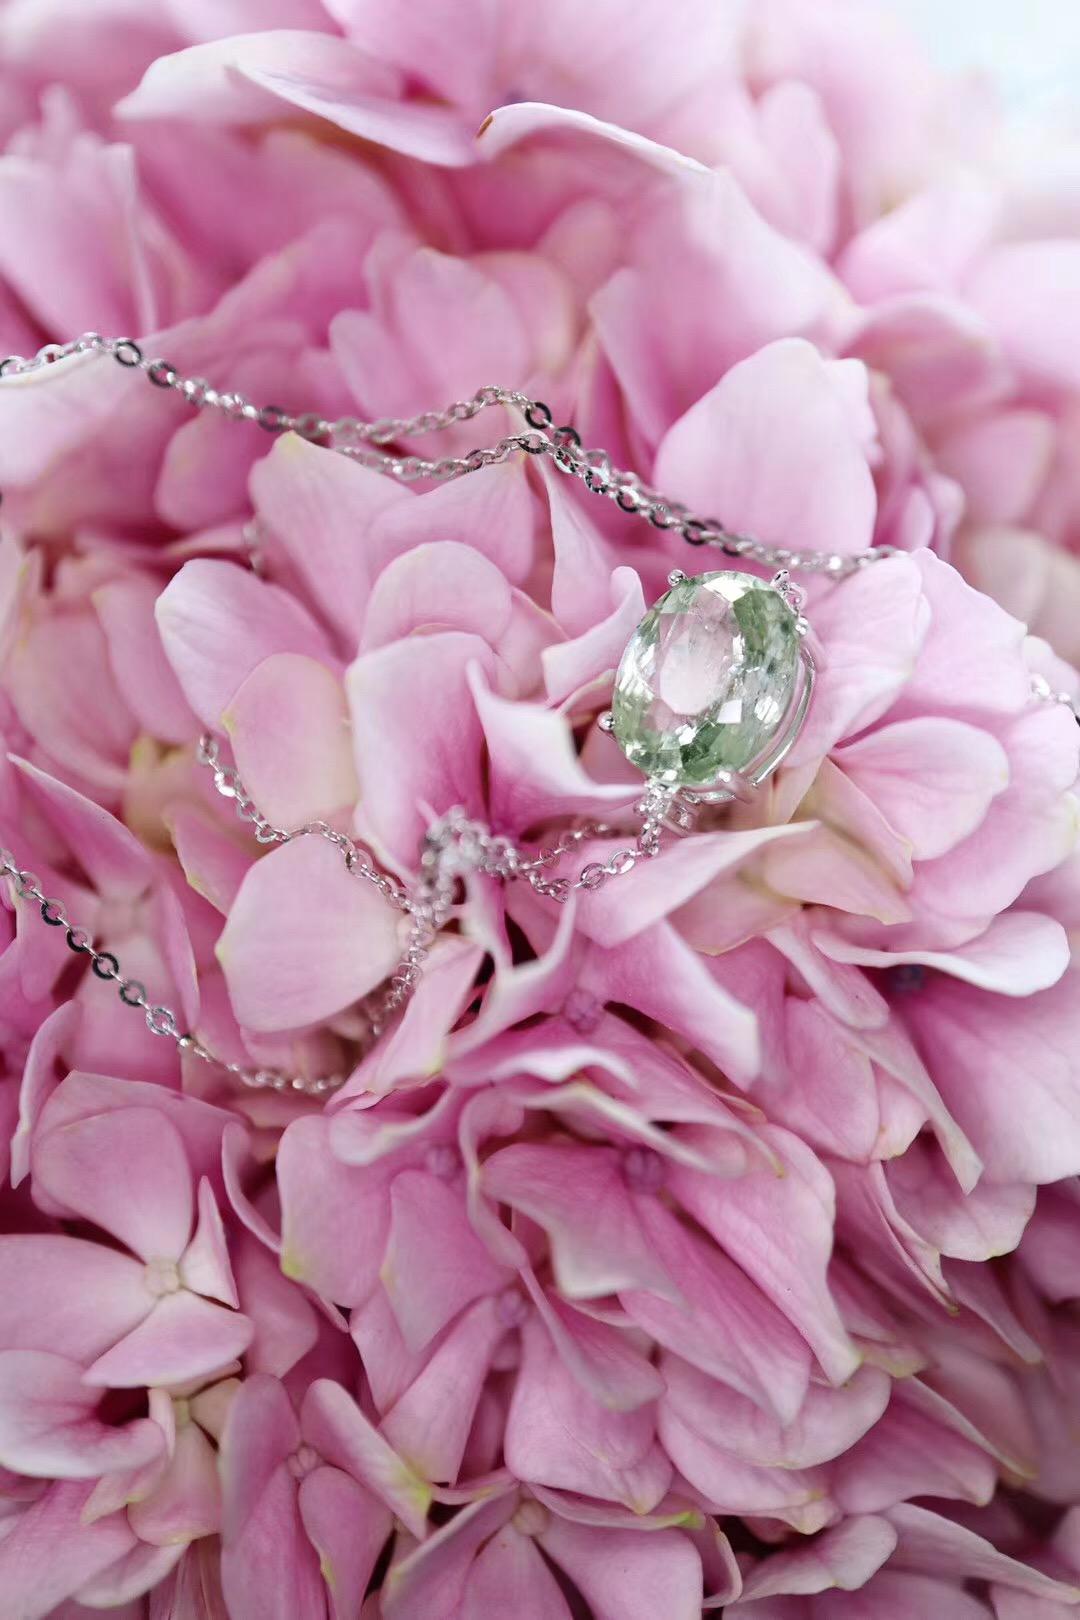 【绿碧玺锁骨链】春夏的色系一定少不了一抹绿色-菩心晶舍